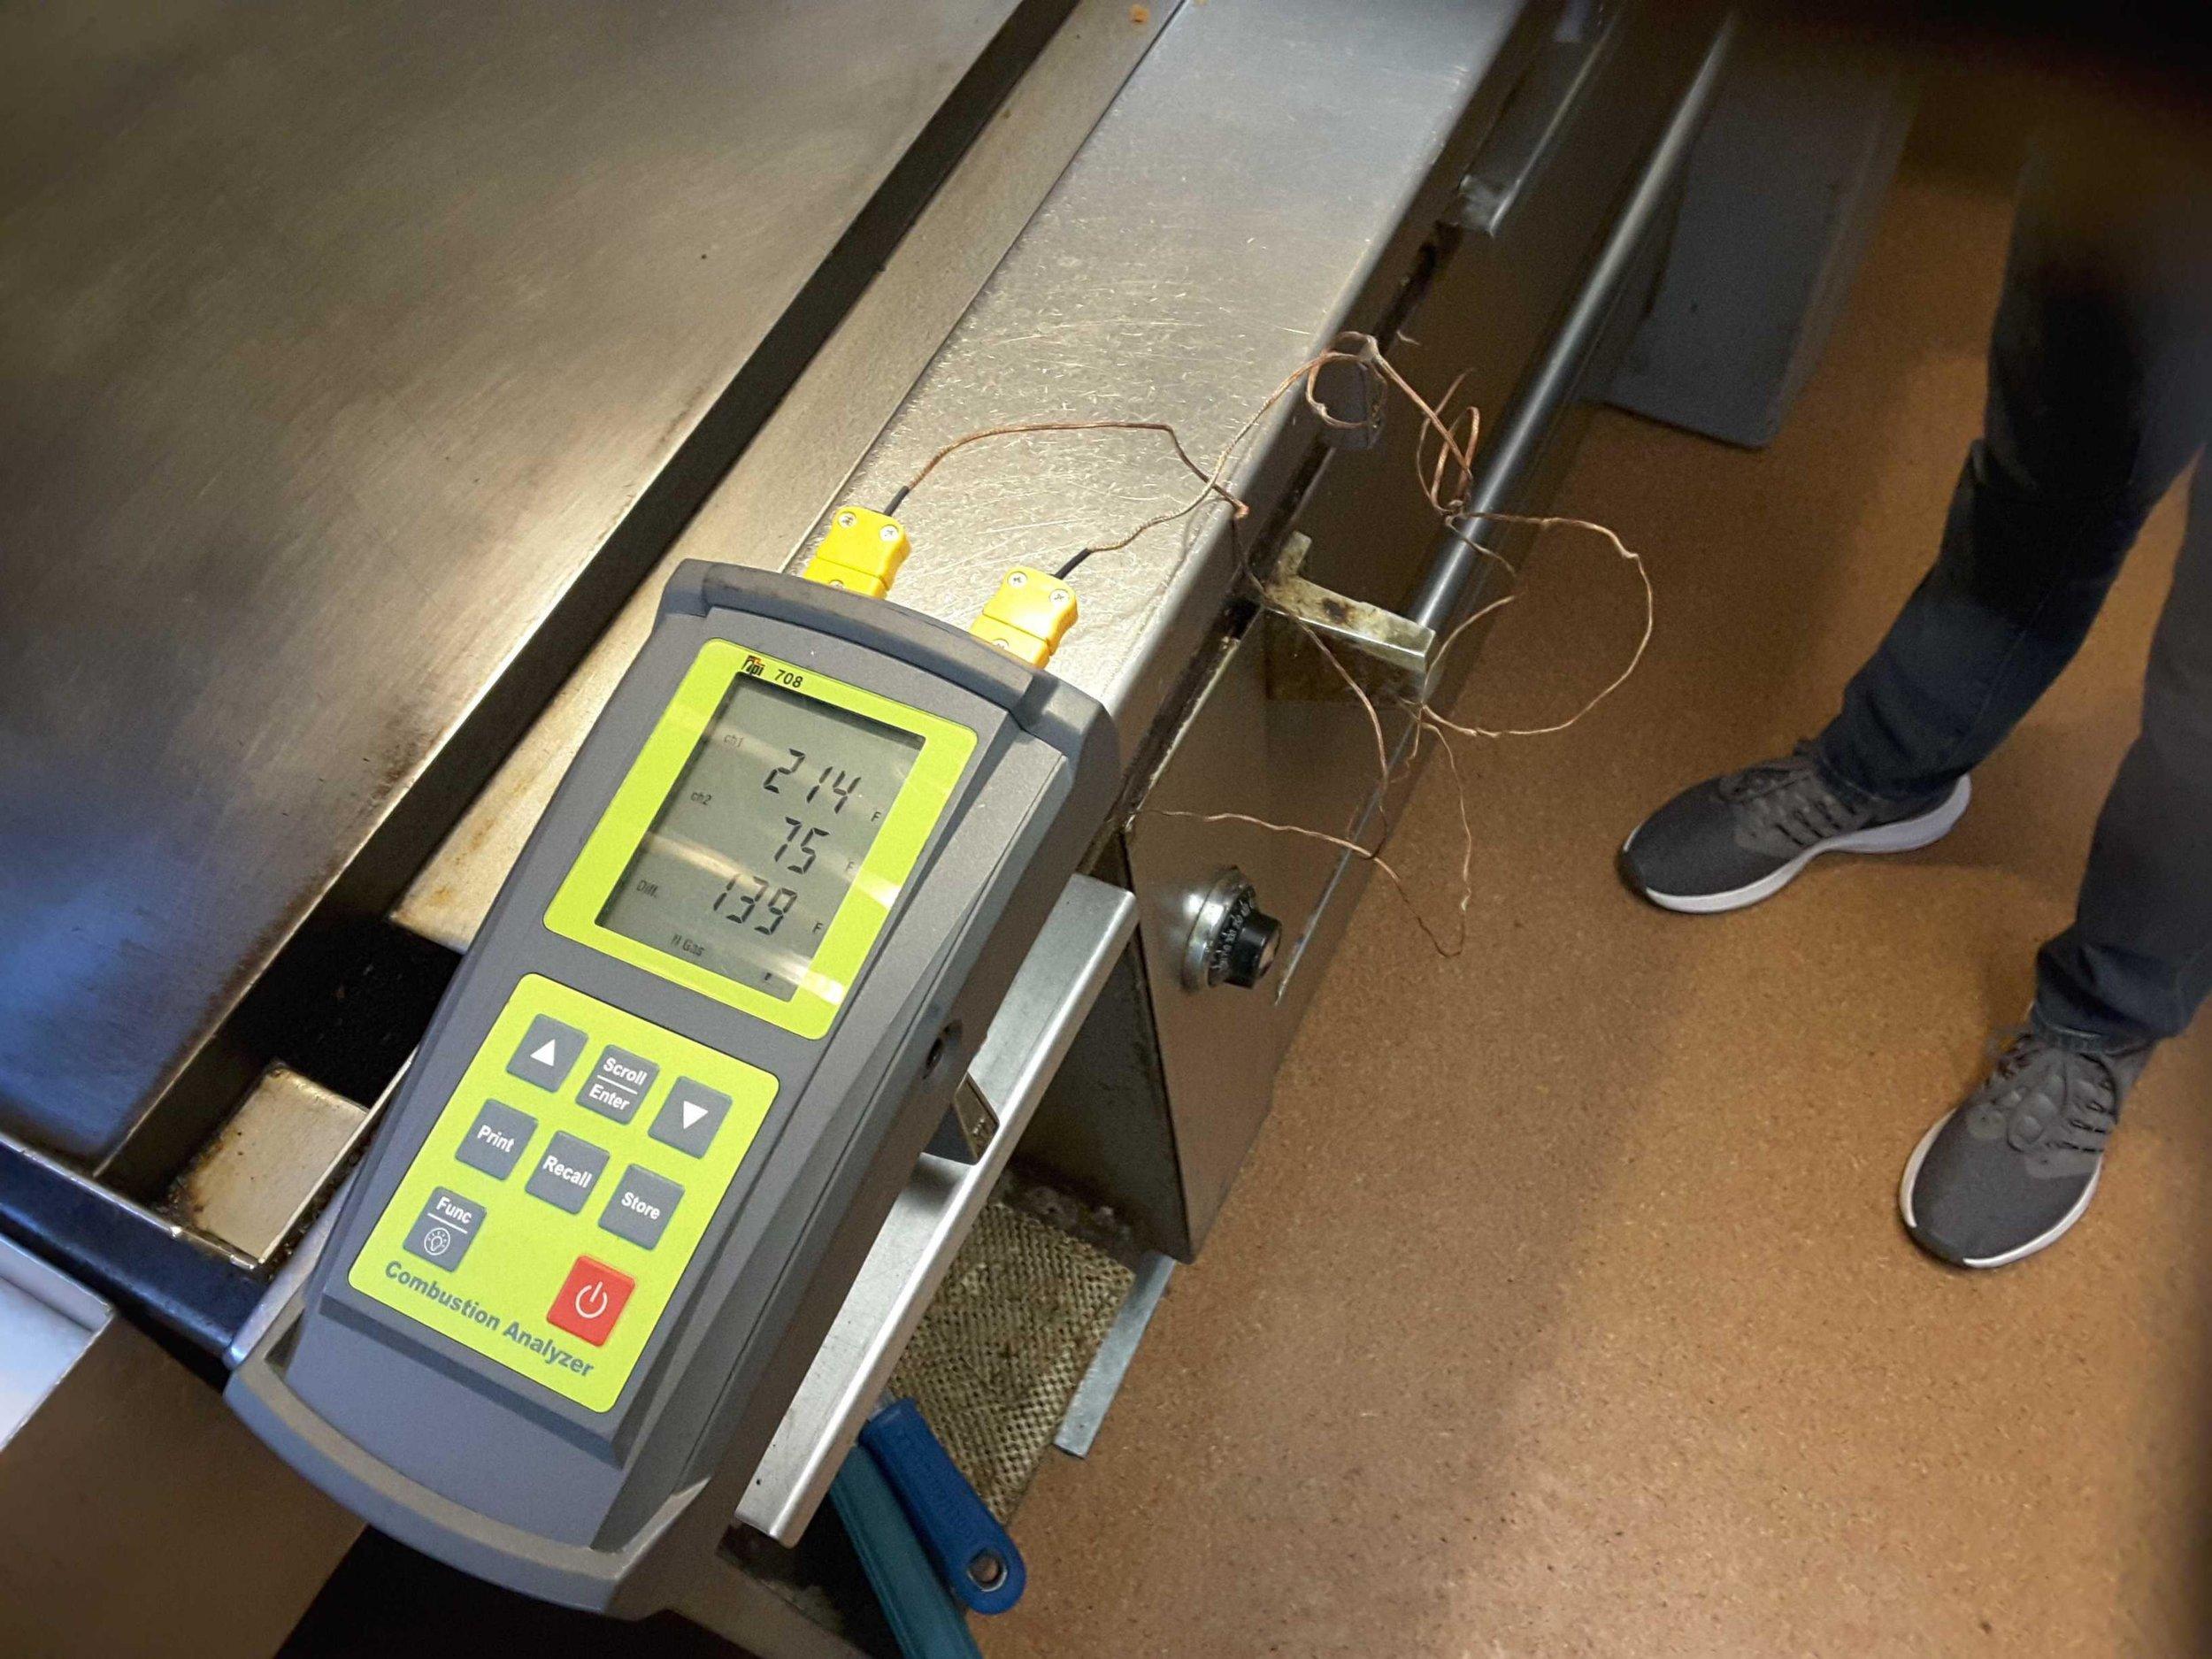 Restaurant equipment testing